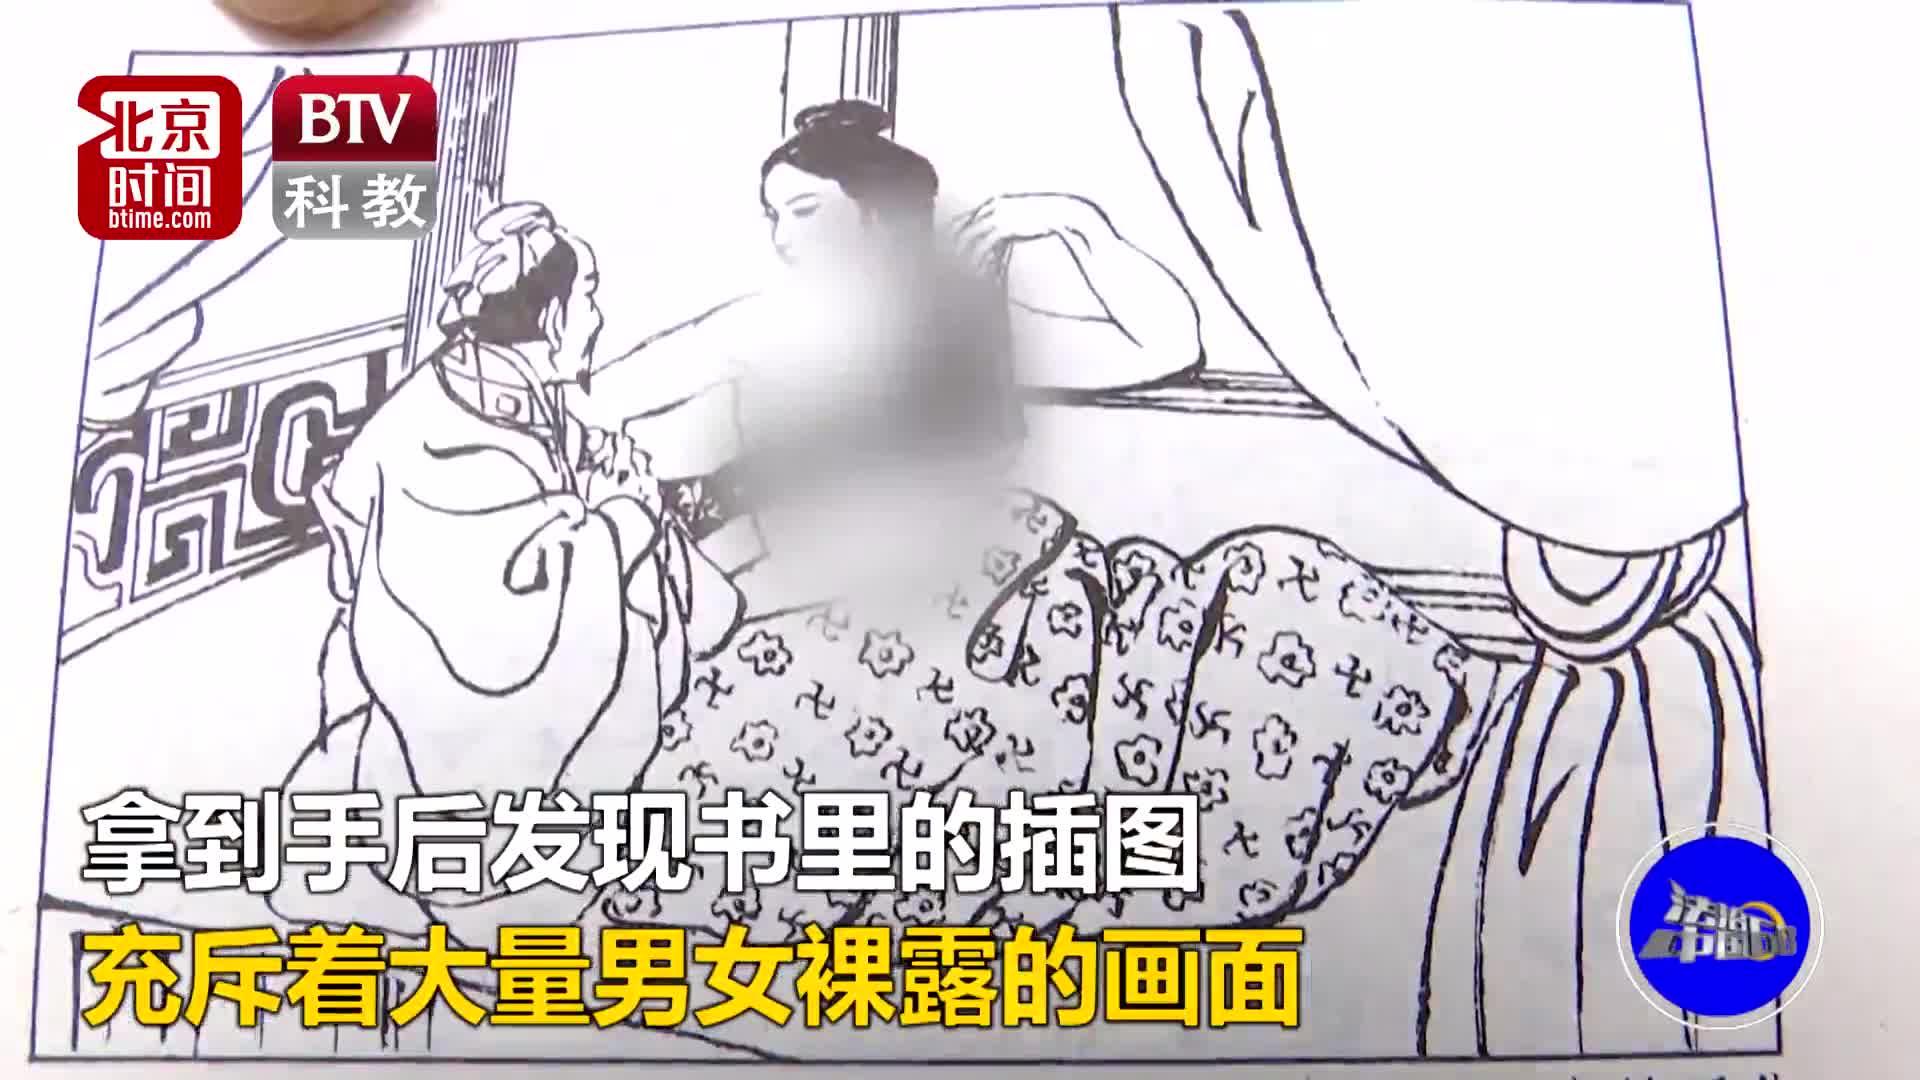 [视频]连环画画风露骨 儿童刊物岂能低俗